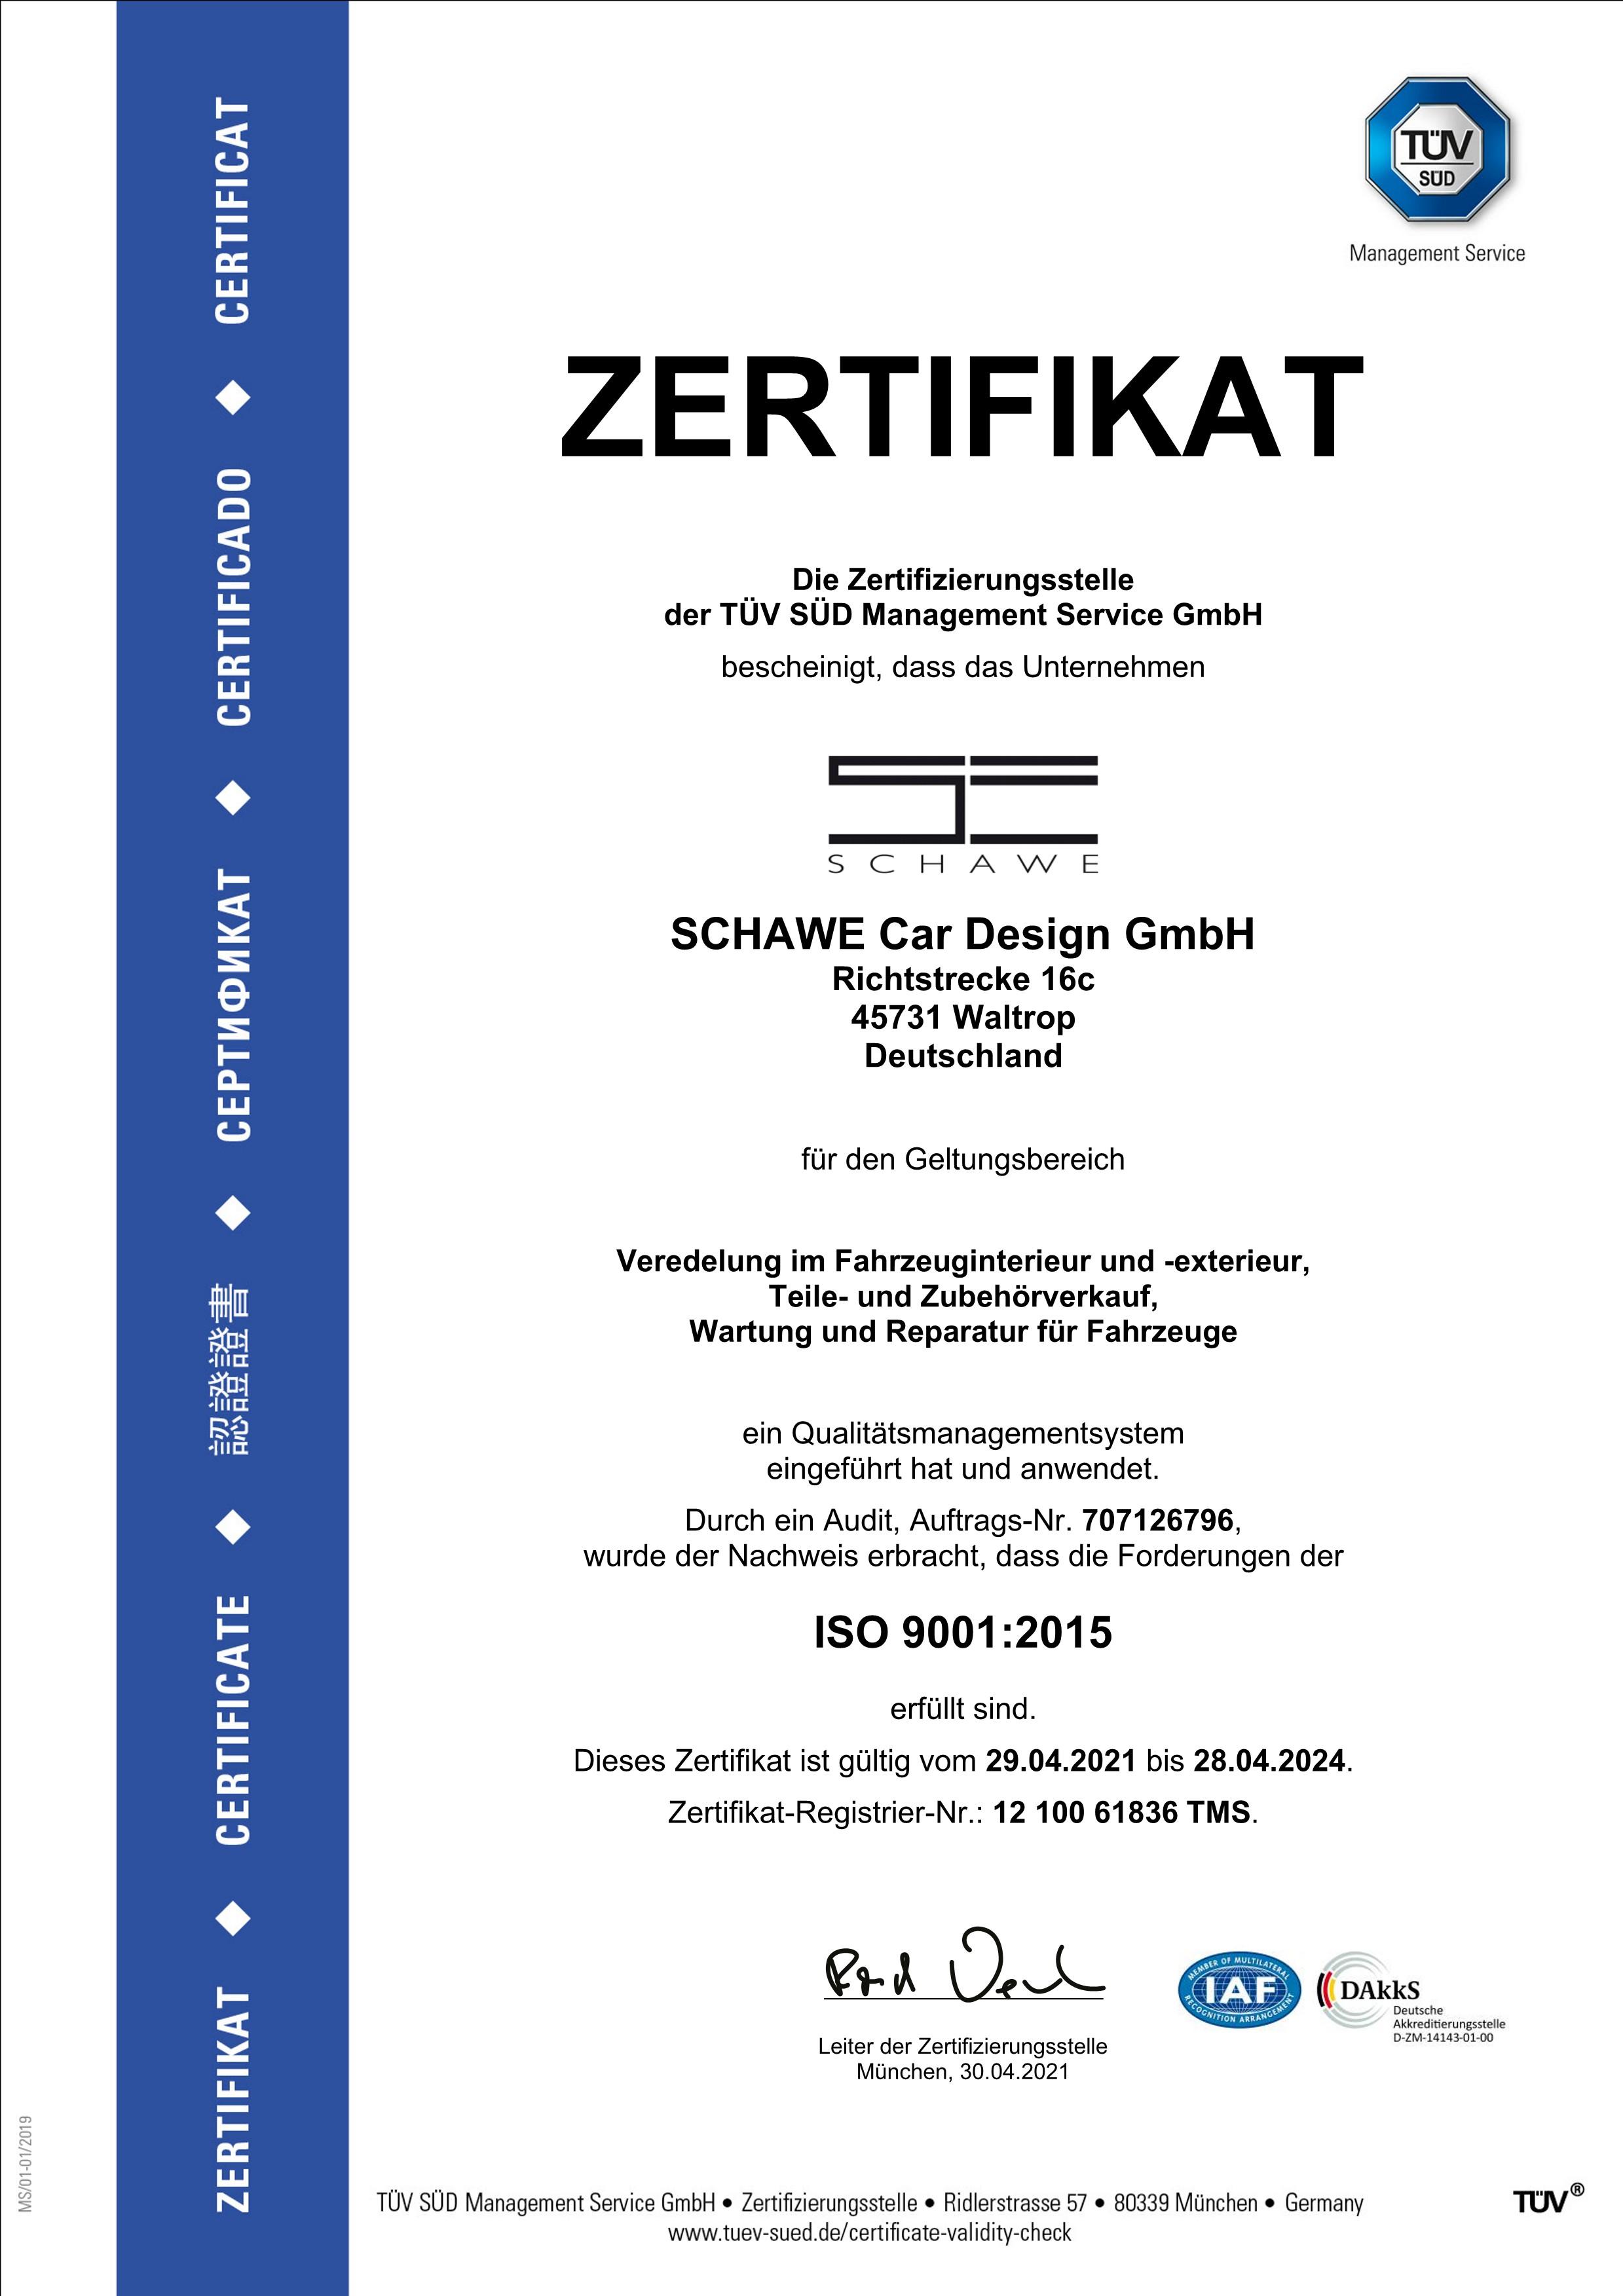 SCHAWE_ISO_DIN_9001_2015_1210061836TMS_DE